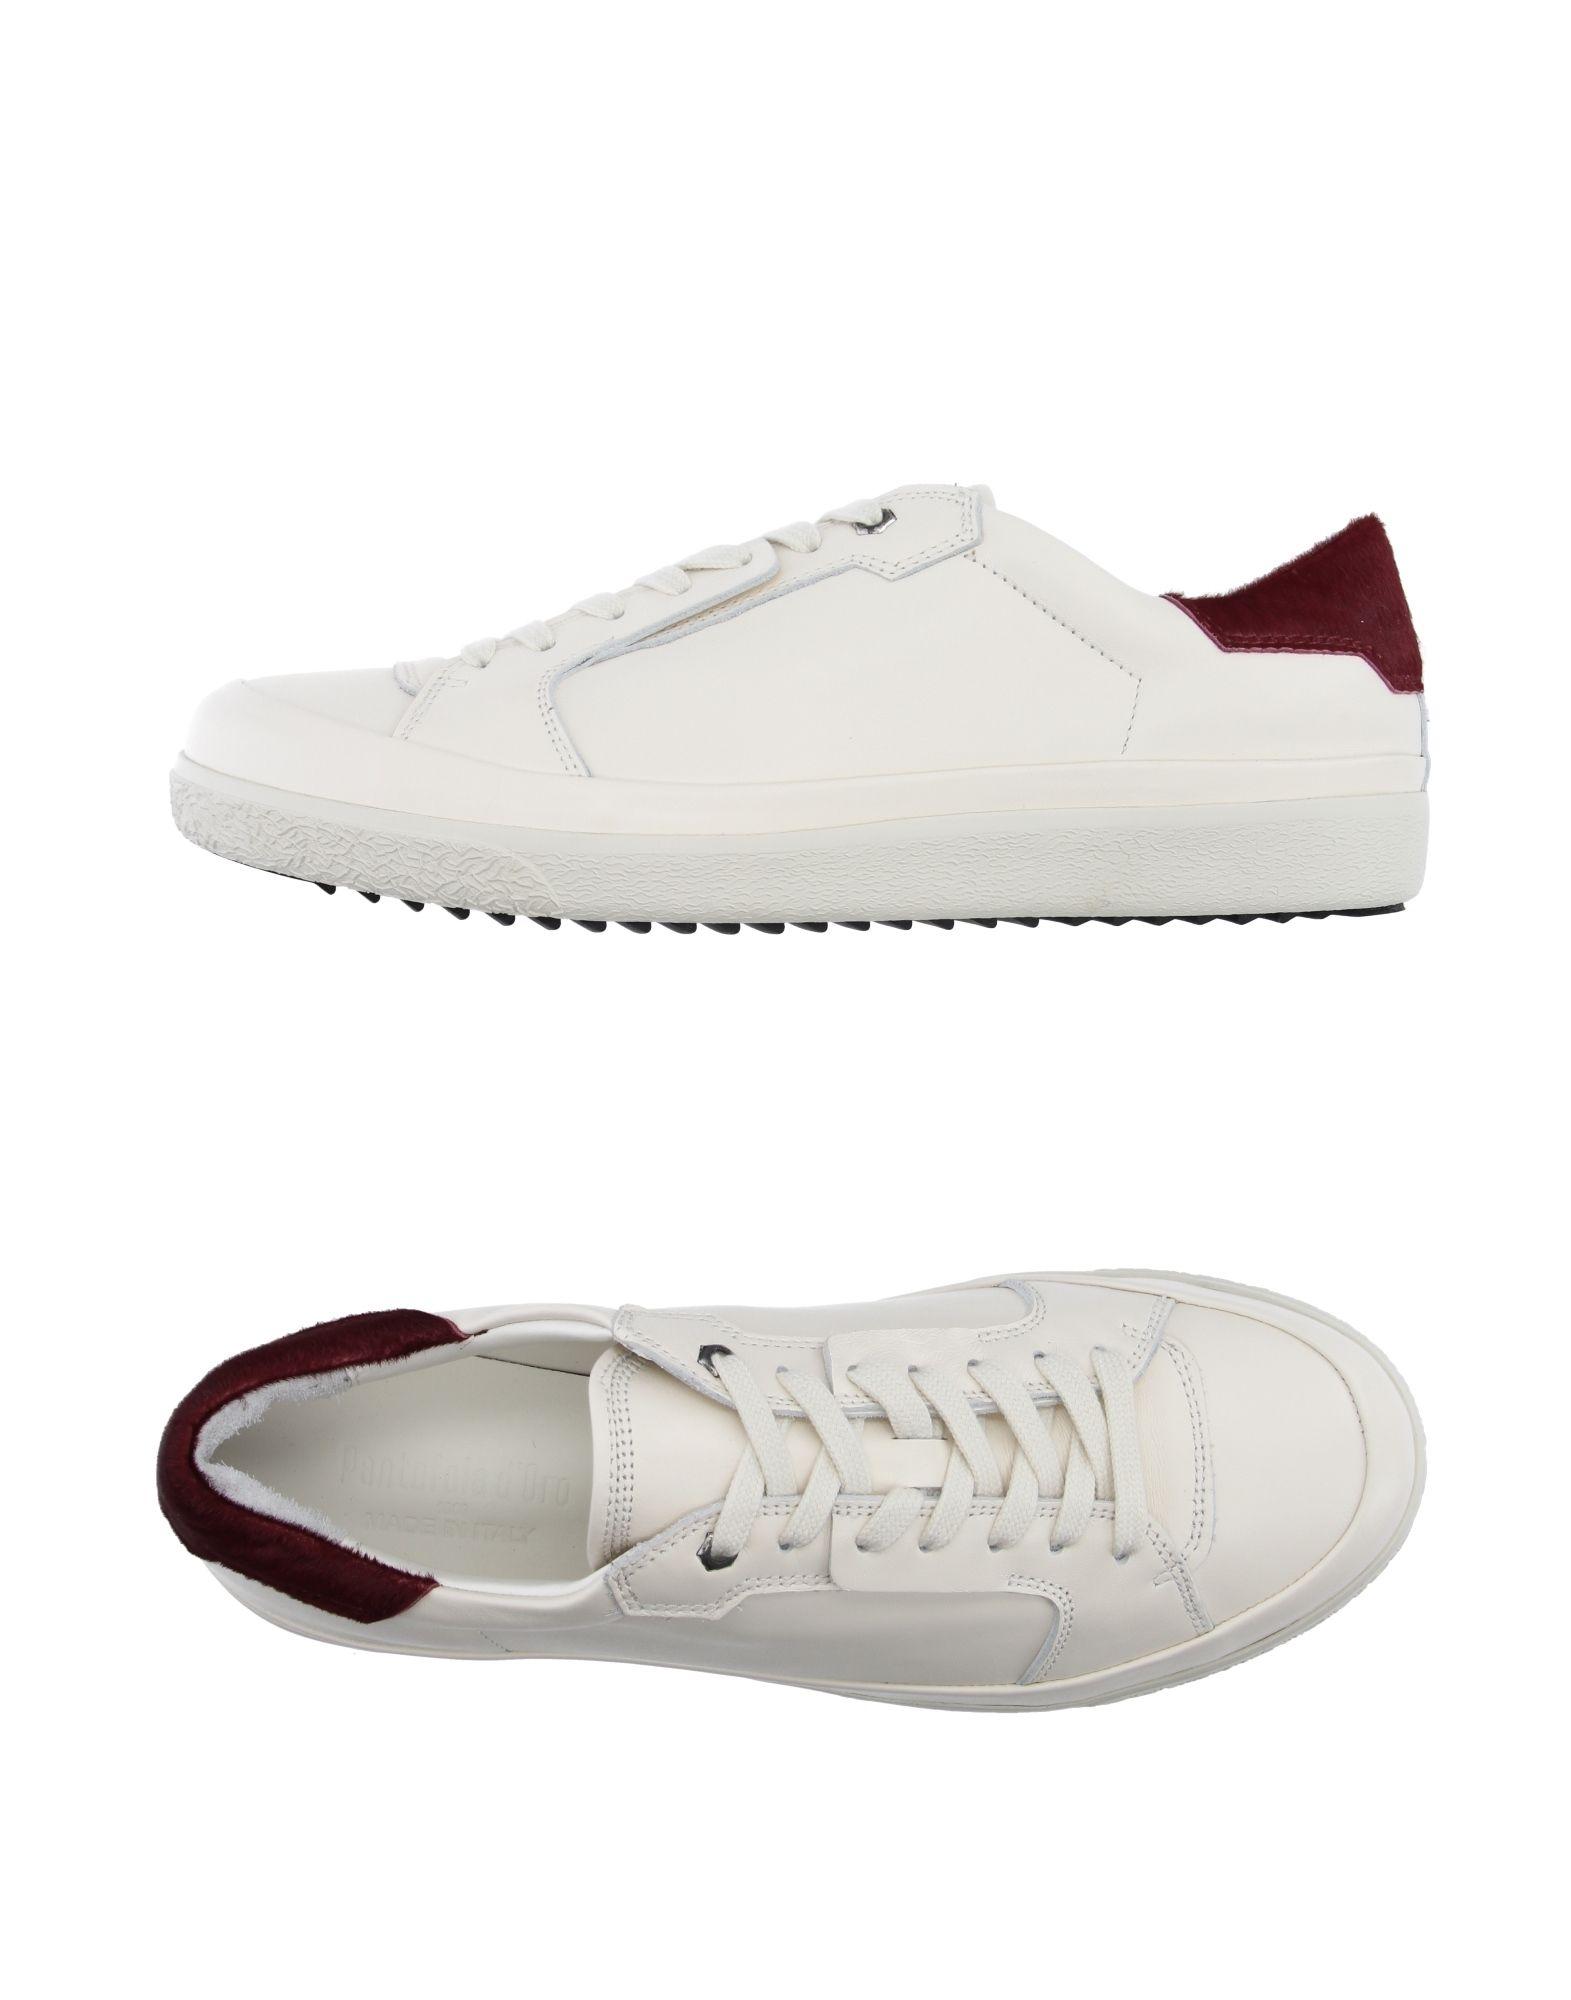 Pantofola D'oro Sneakers Herren beliebte  11100053TP Gute Qualität beliebte Herren Schuhe 93fb86